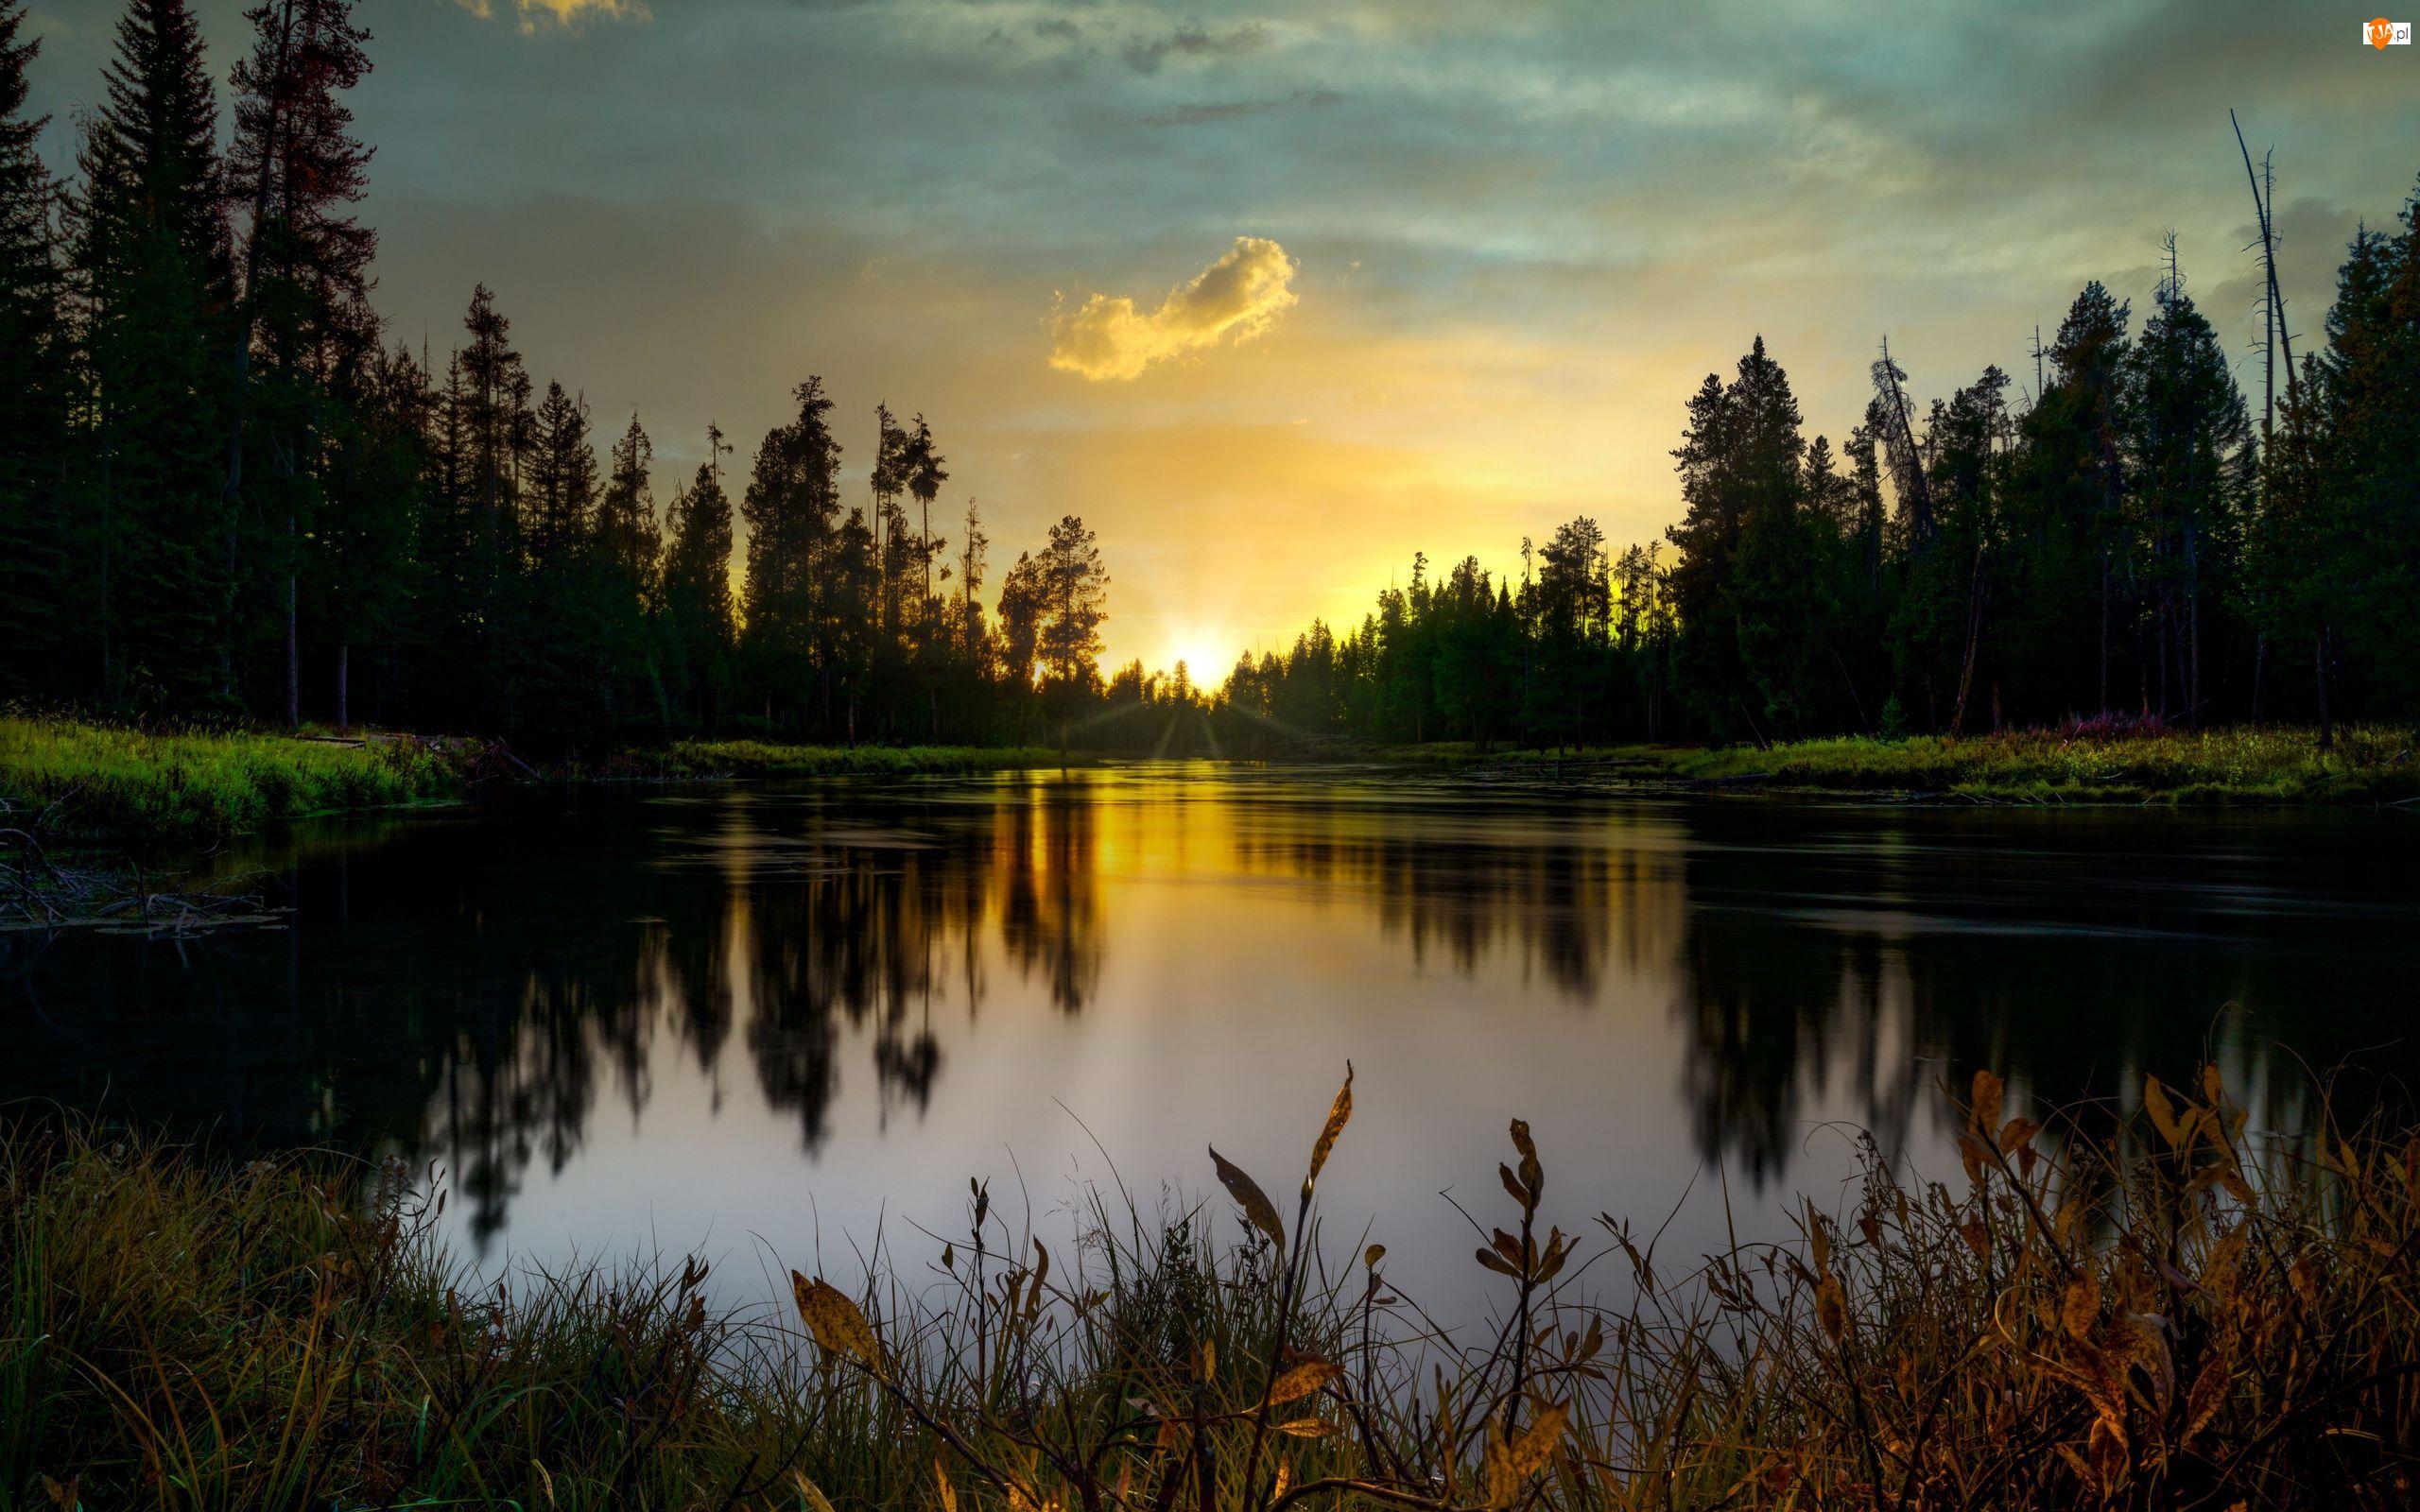 Las, Jezioro, Zachód słońca, Drzewa